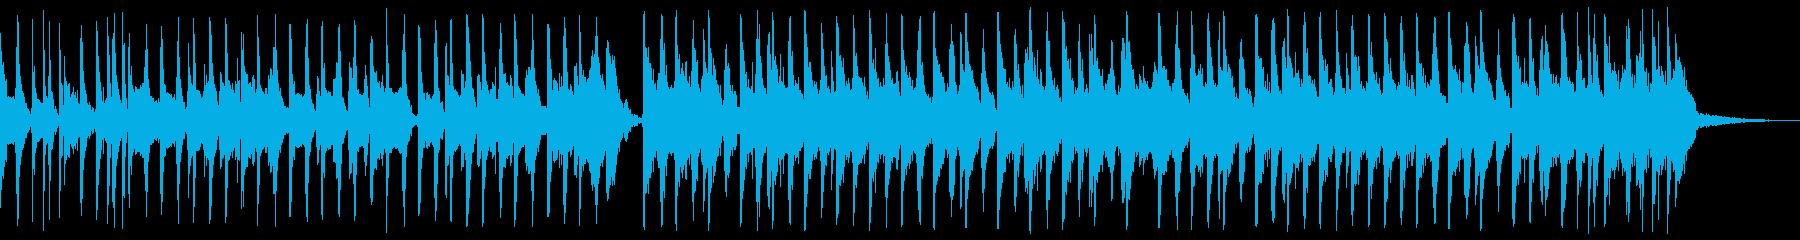 おしゃれなエレクトロスウィング01bの再生済みの波形